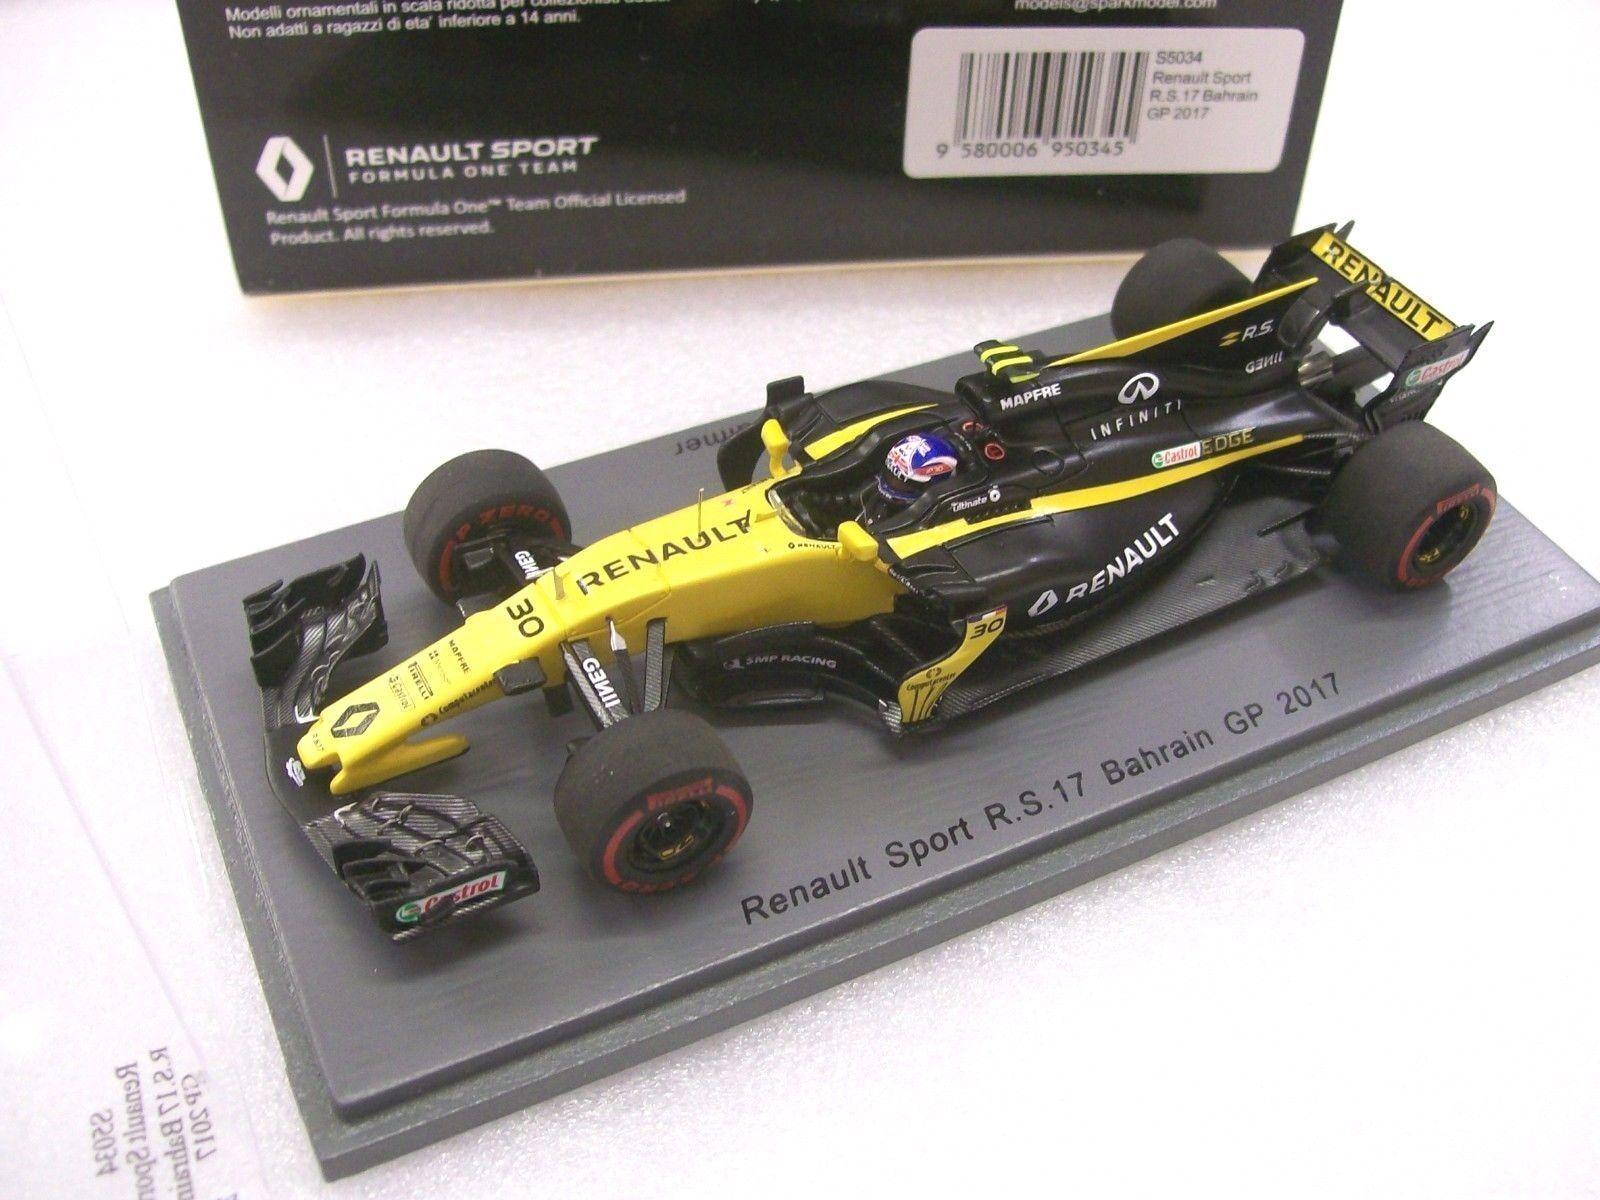 F1 Palmer Renault R.S.17 Bahrain GP 2017 1/43 Spark S5034